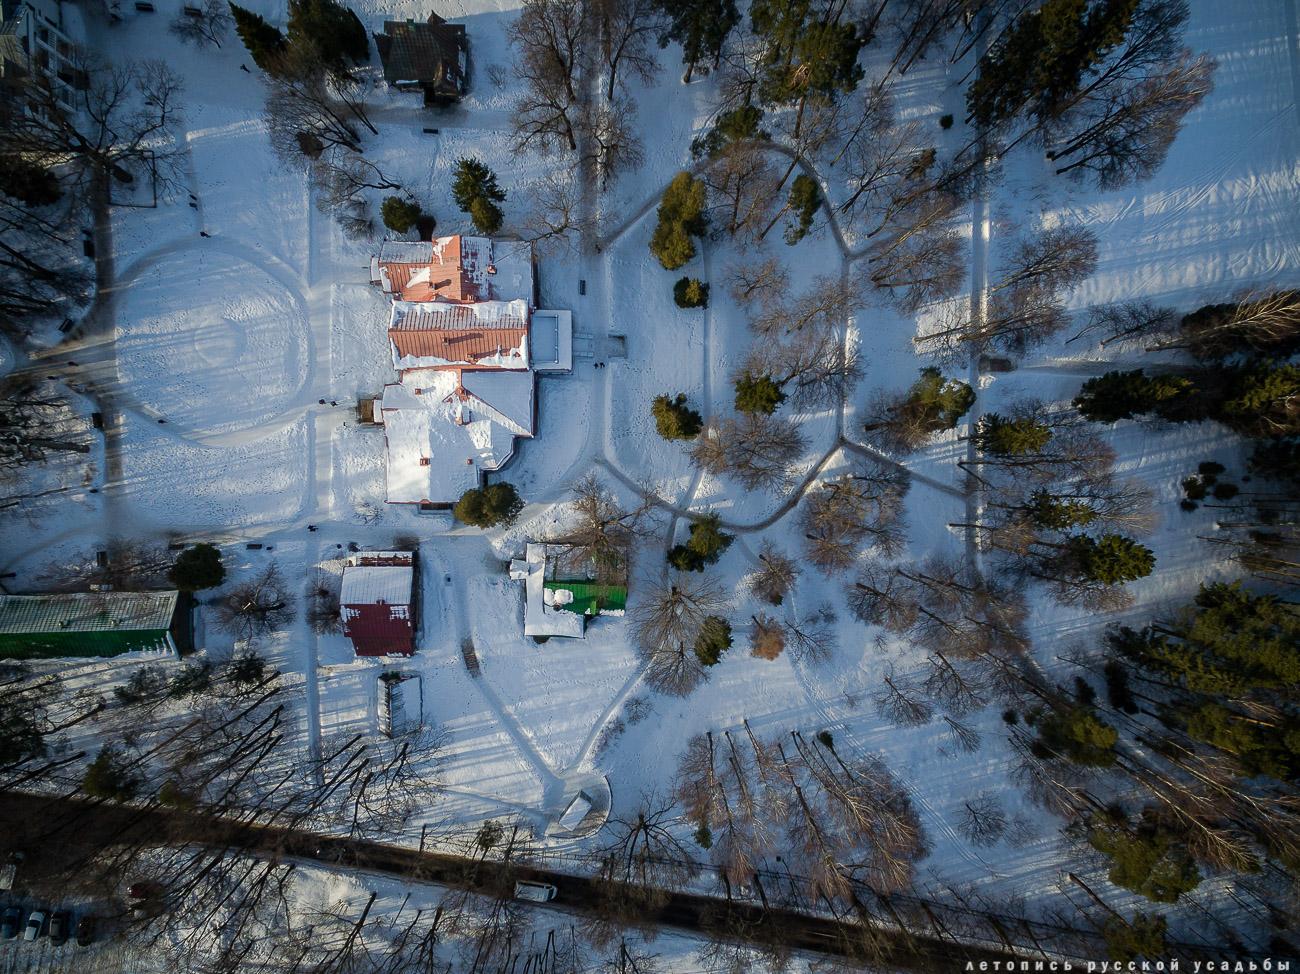 усадьба Абрамцево с квадрокоптера, дрона